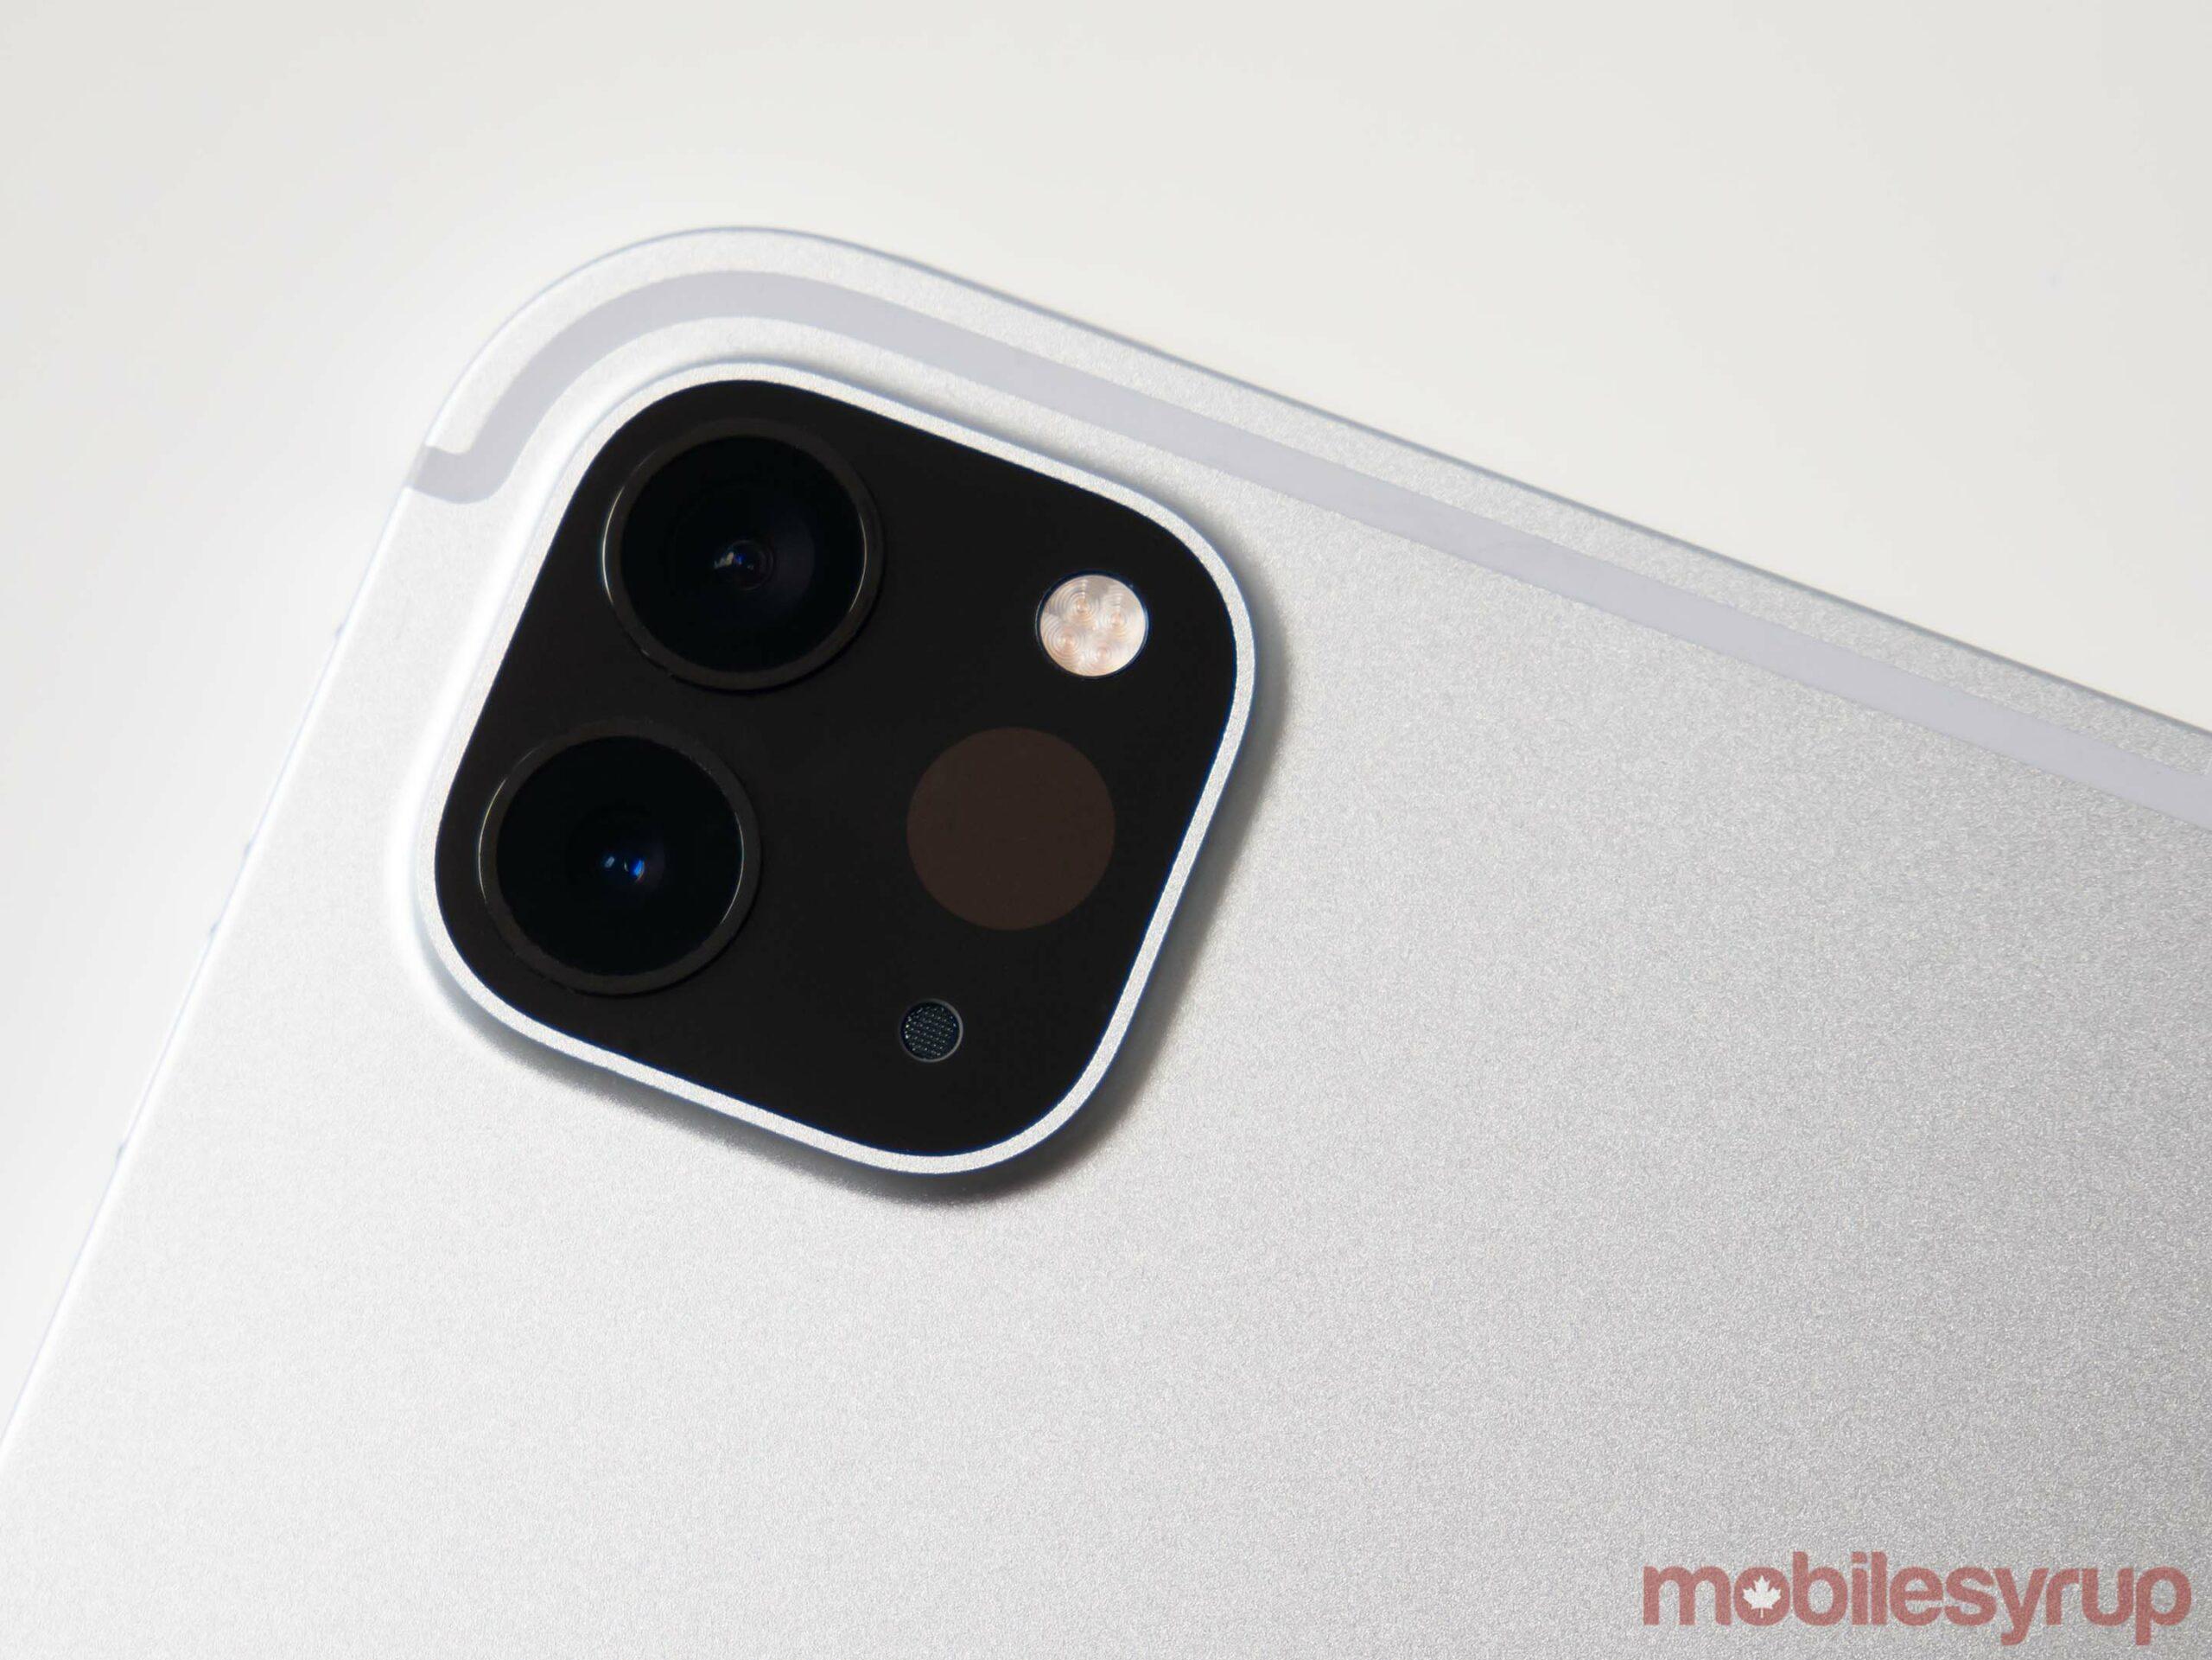 iPad Pro 2021 camera